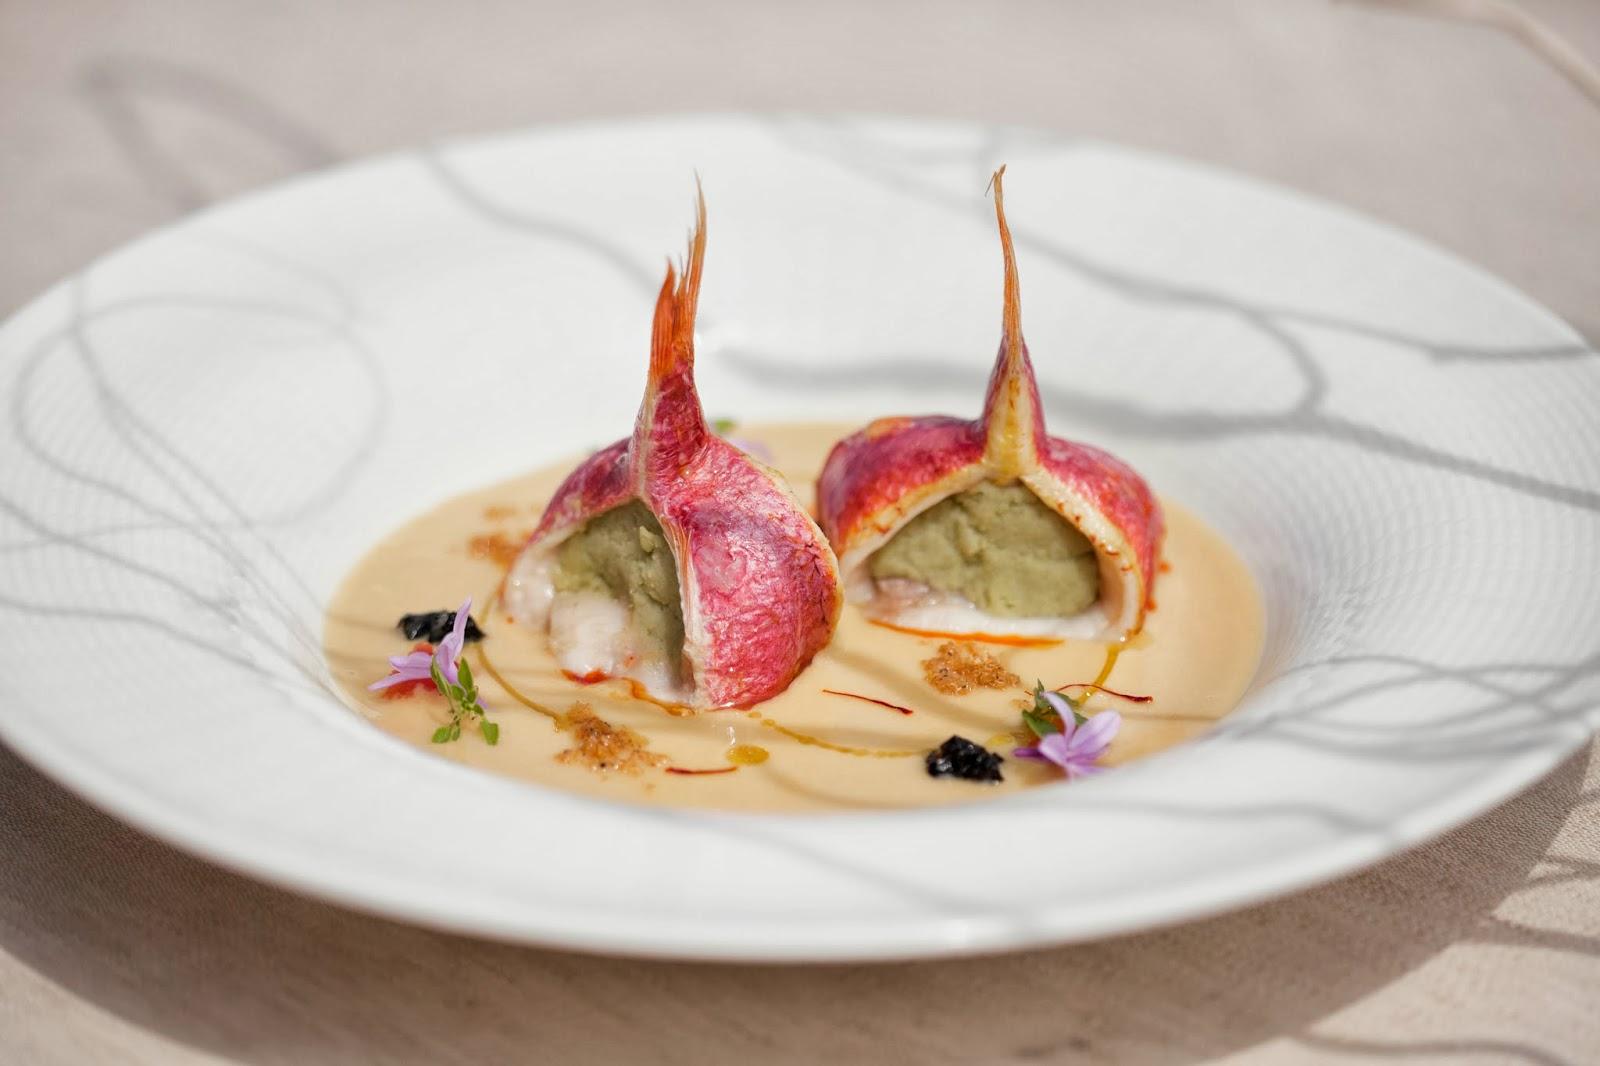 Crescenzo scotti foto piatti ristorante il cappero 2013 for Piatti ristorante